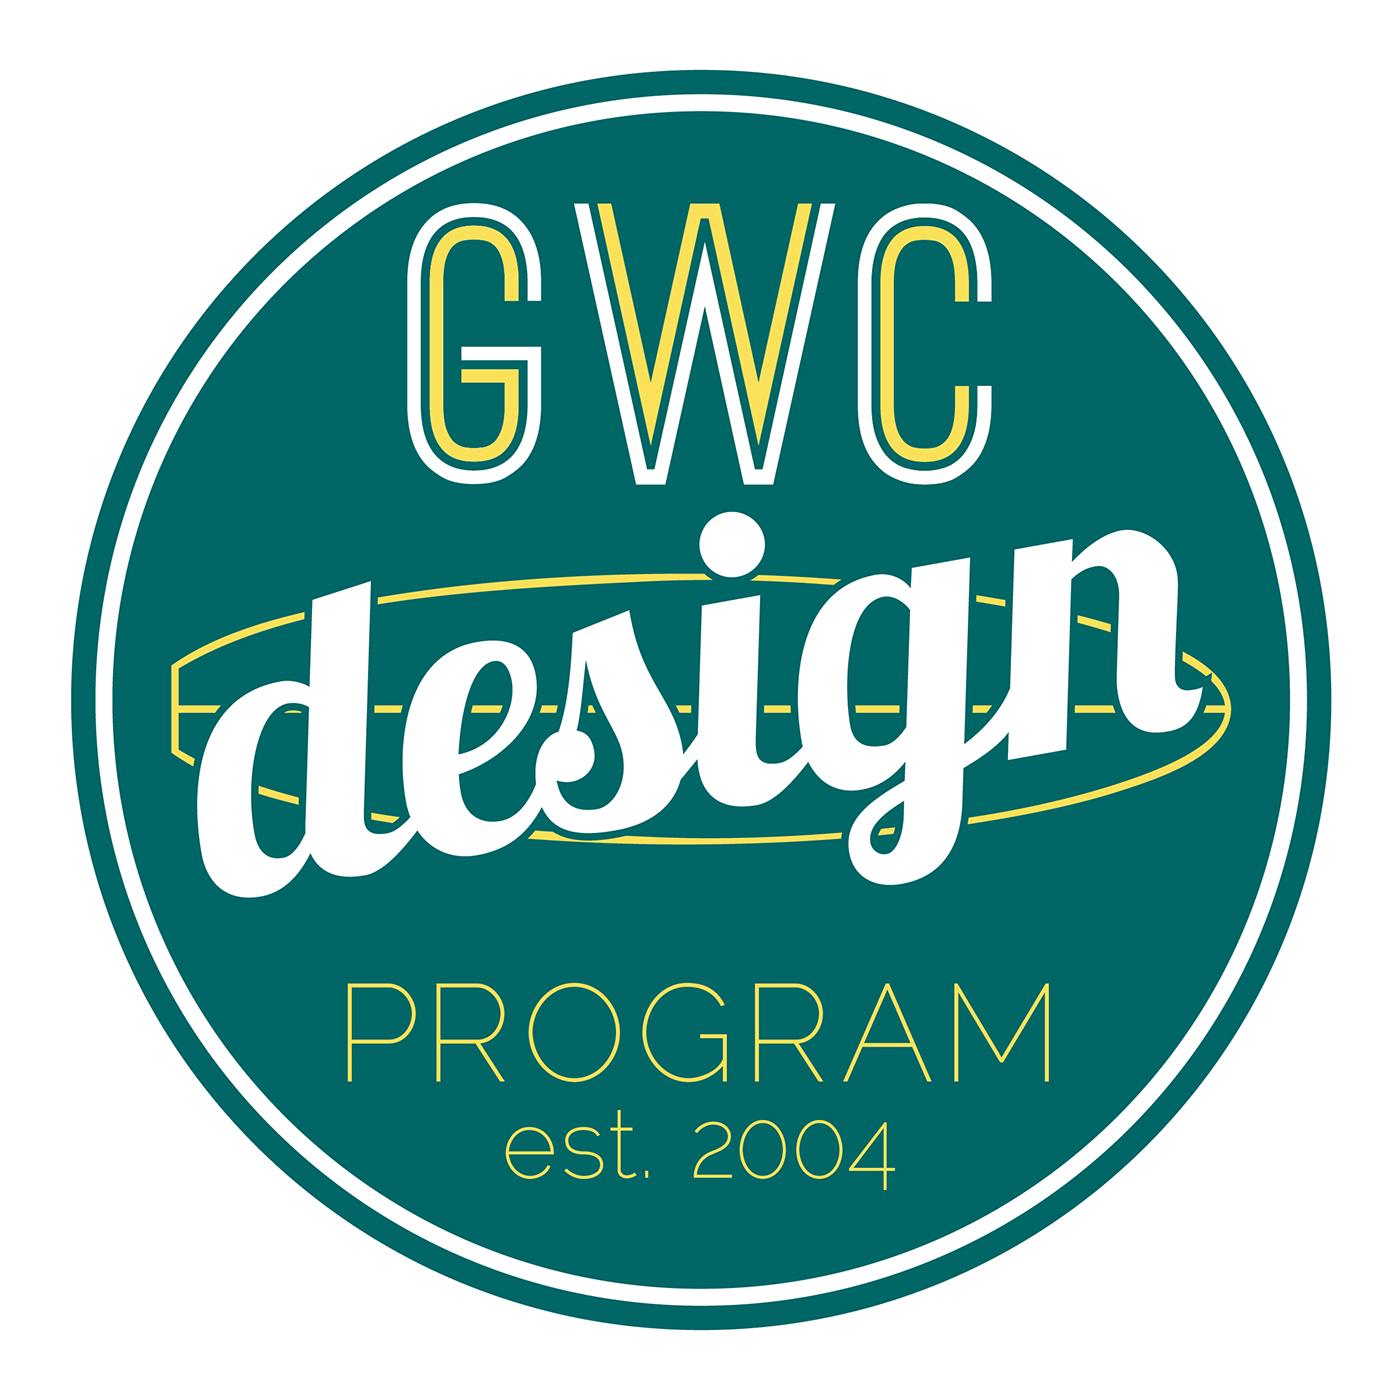 Gwc design program logo re design on behance for Logo drawing program